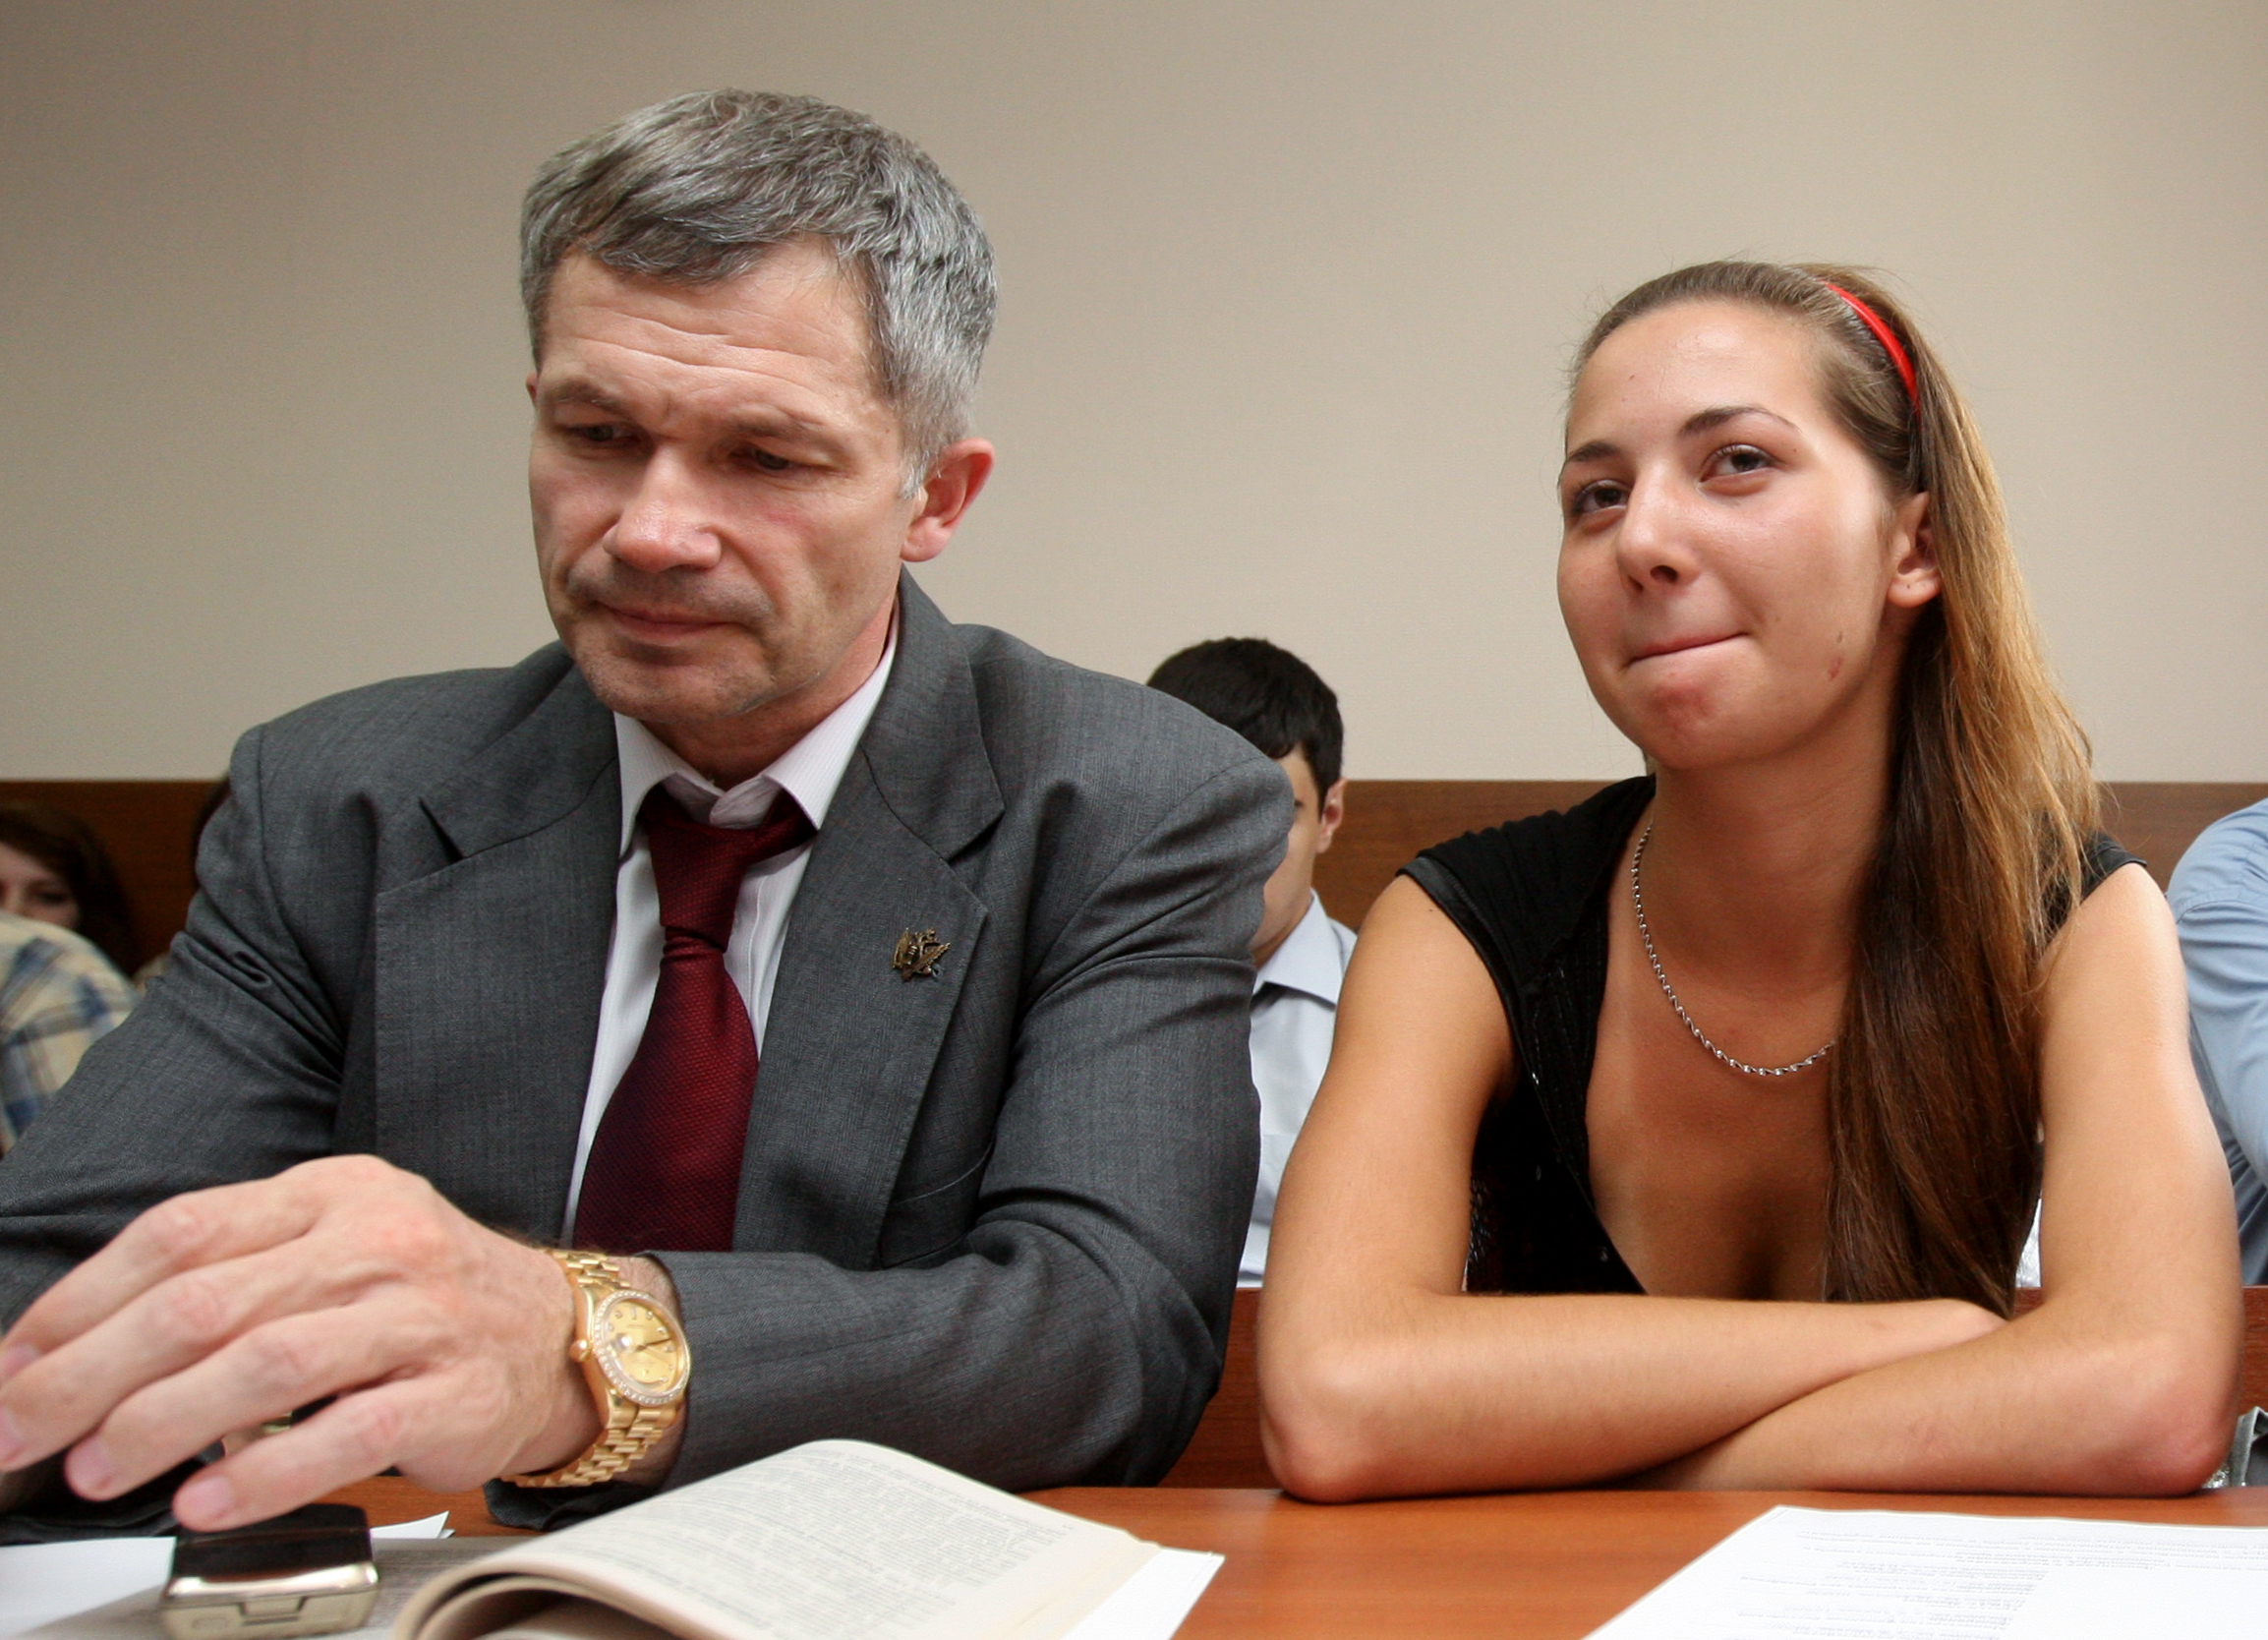 Нагатинский суд Москвы рассматривает иски пострадавших от действий майора милиции Д.Евсюкова